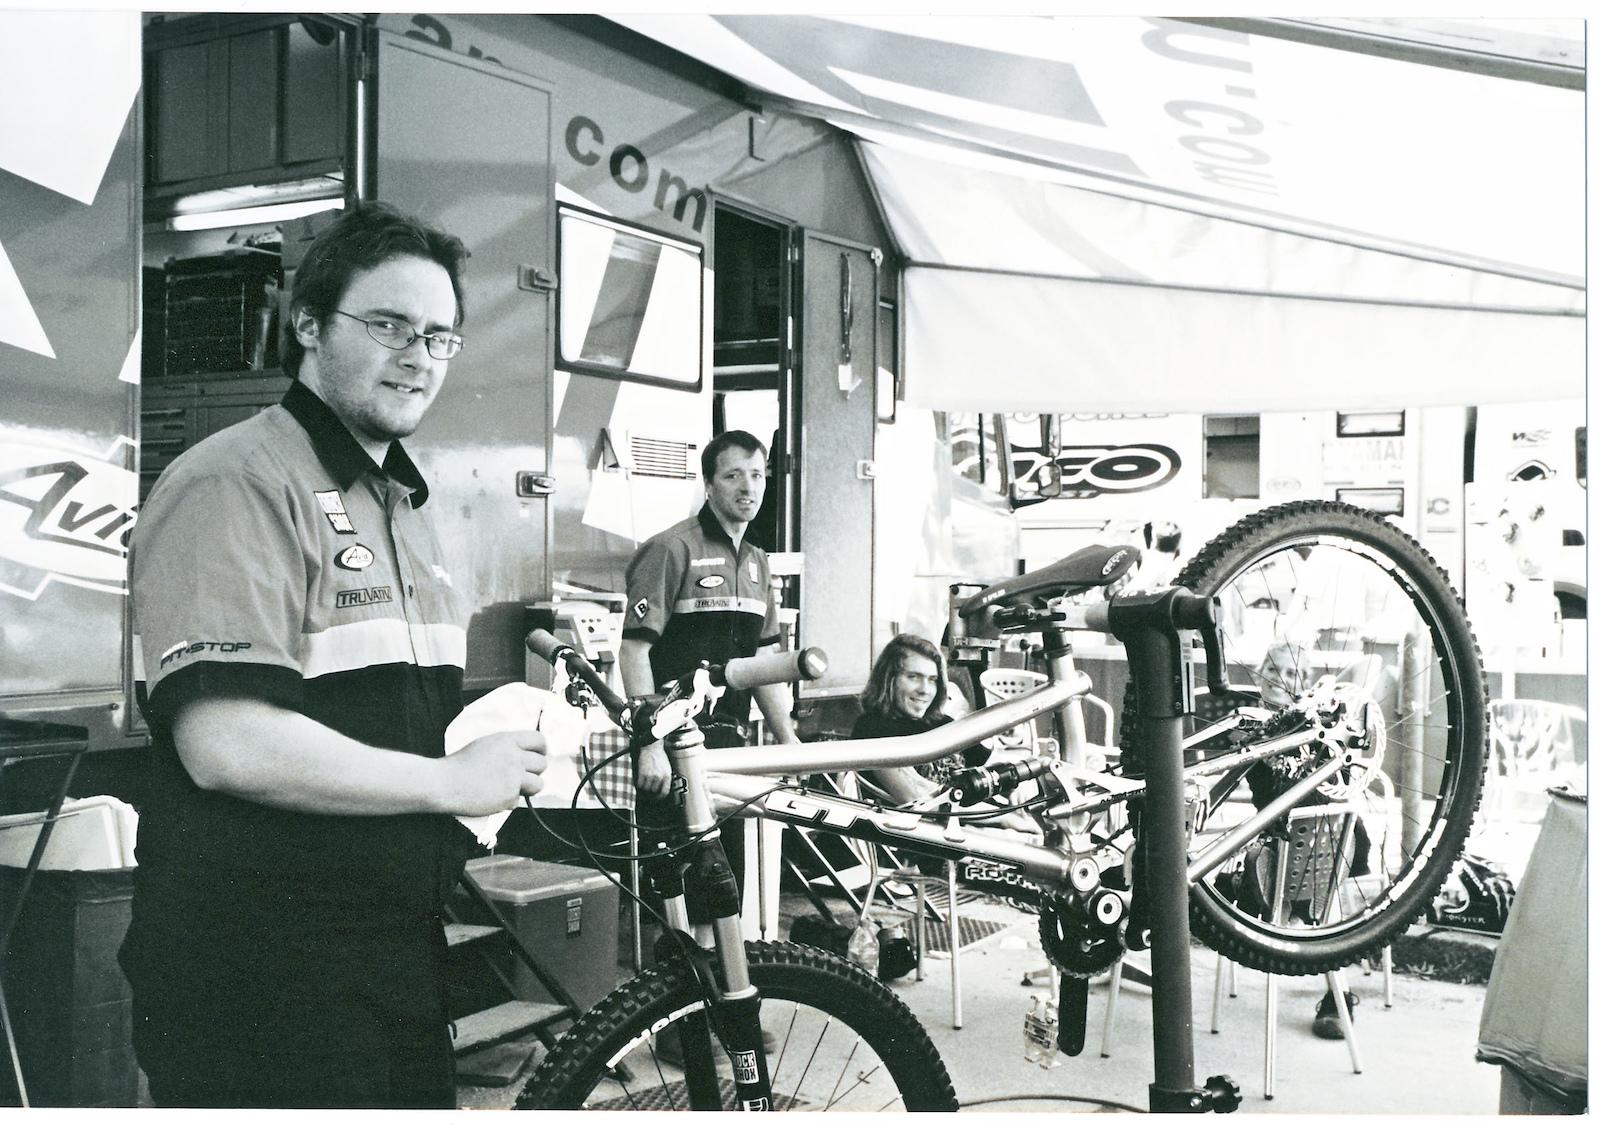 SRAM mechanics Mathieu Dupelle Martin Kirchner and team rider Duncan Riffle